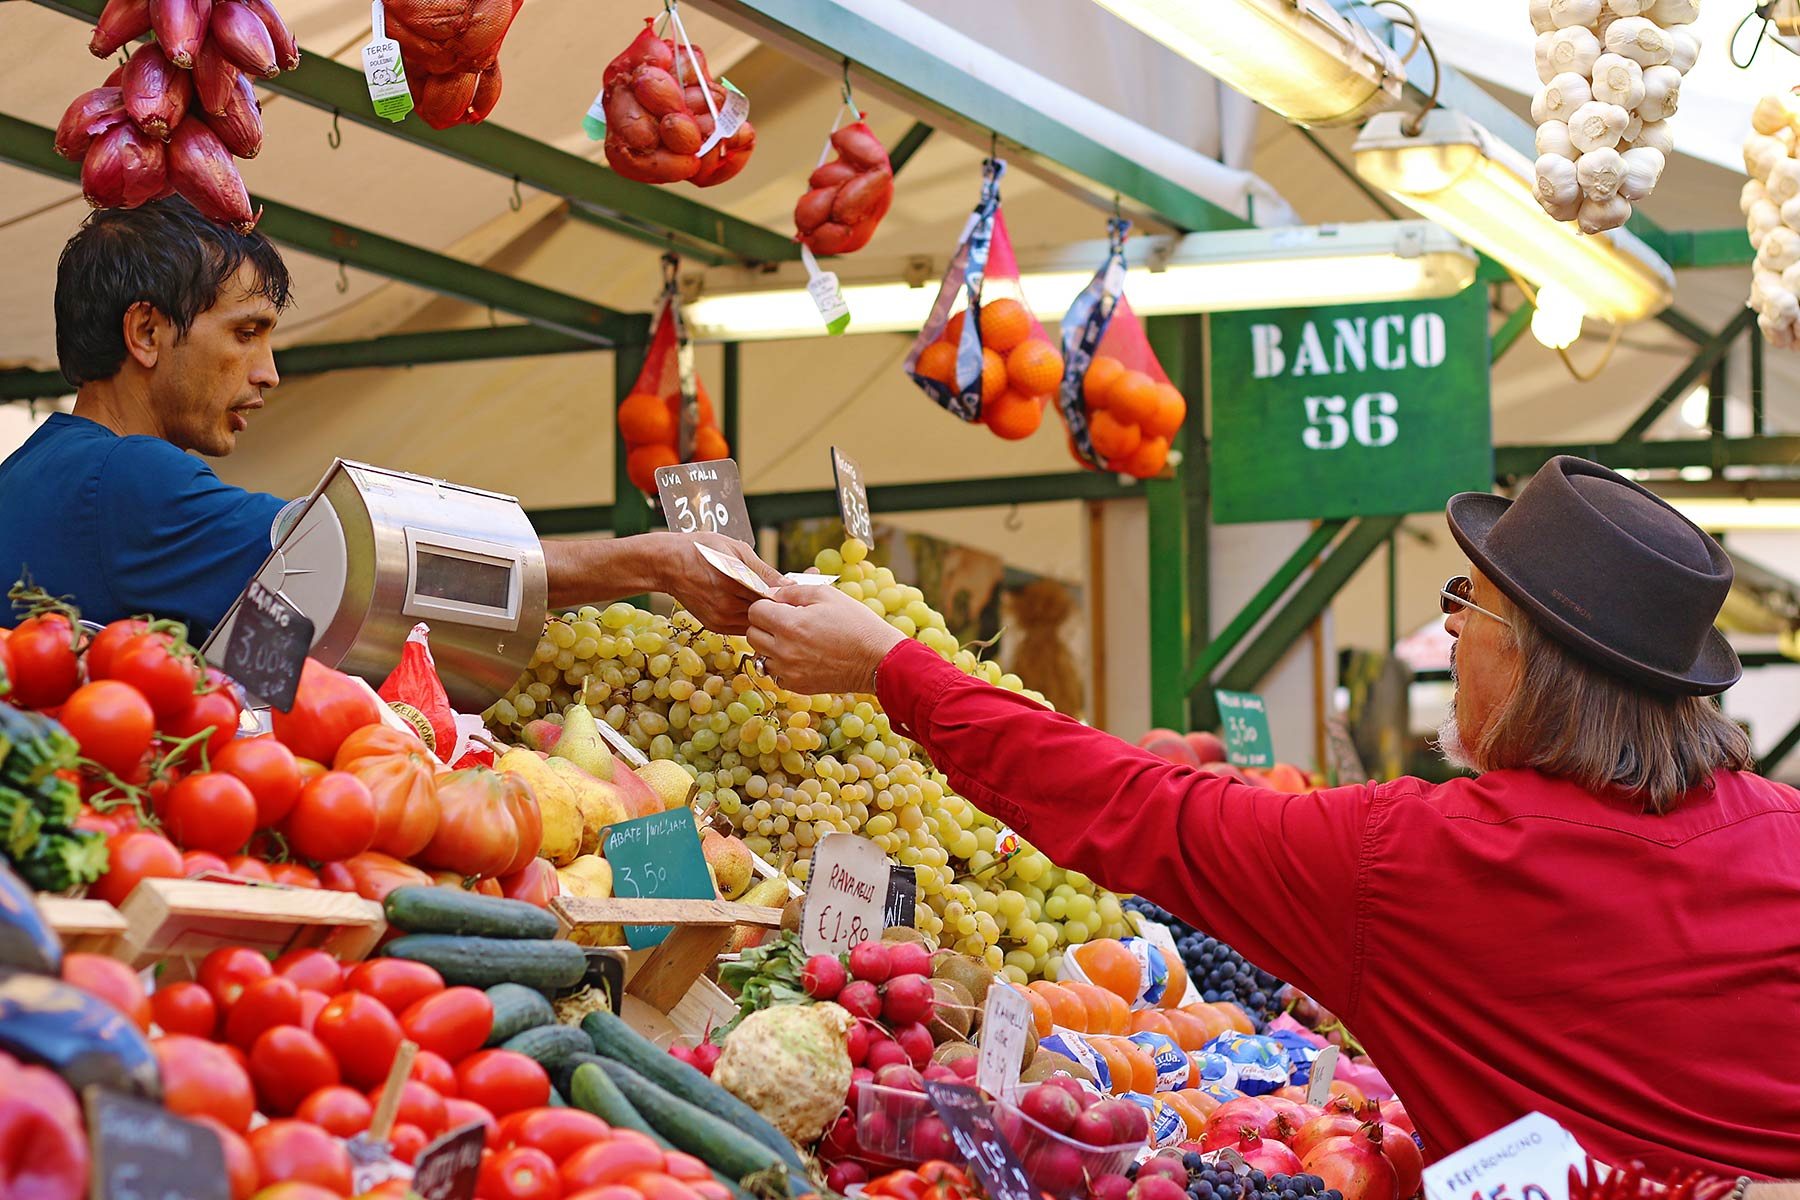 Obstmarkt Bezahlung